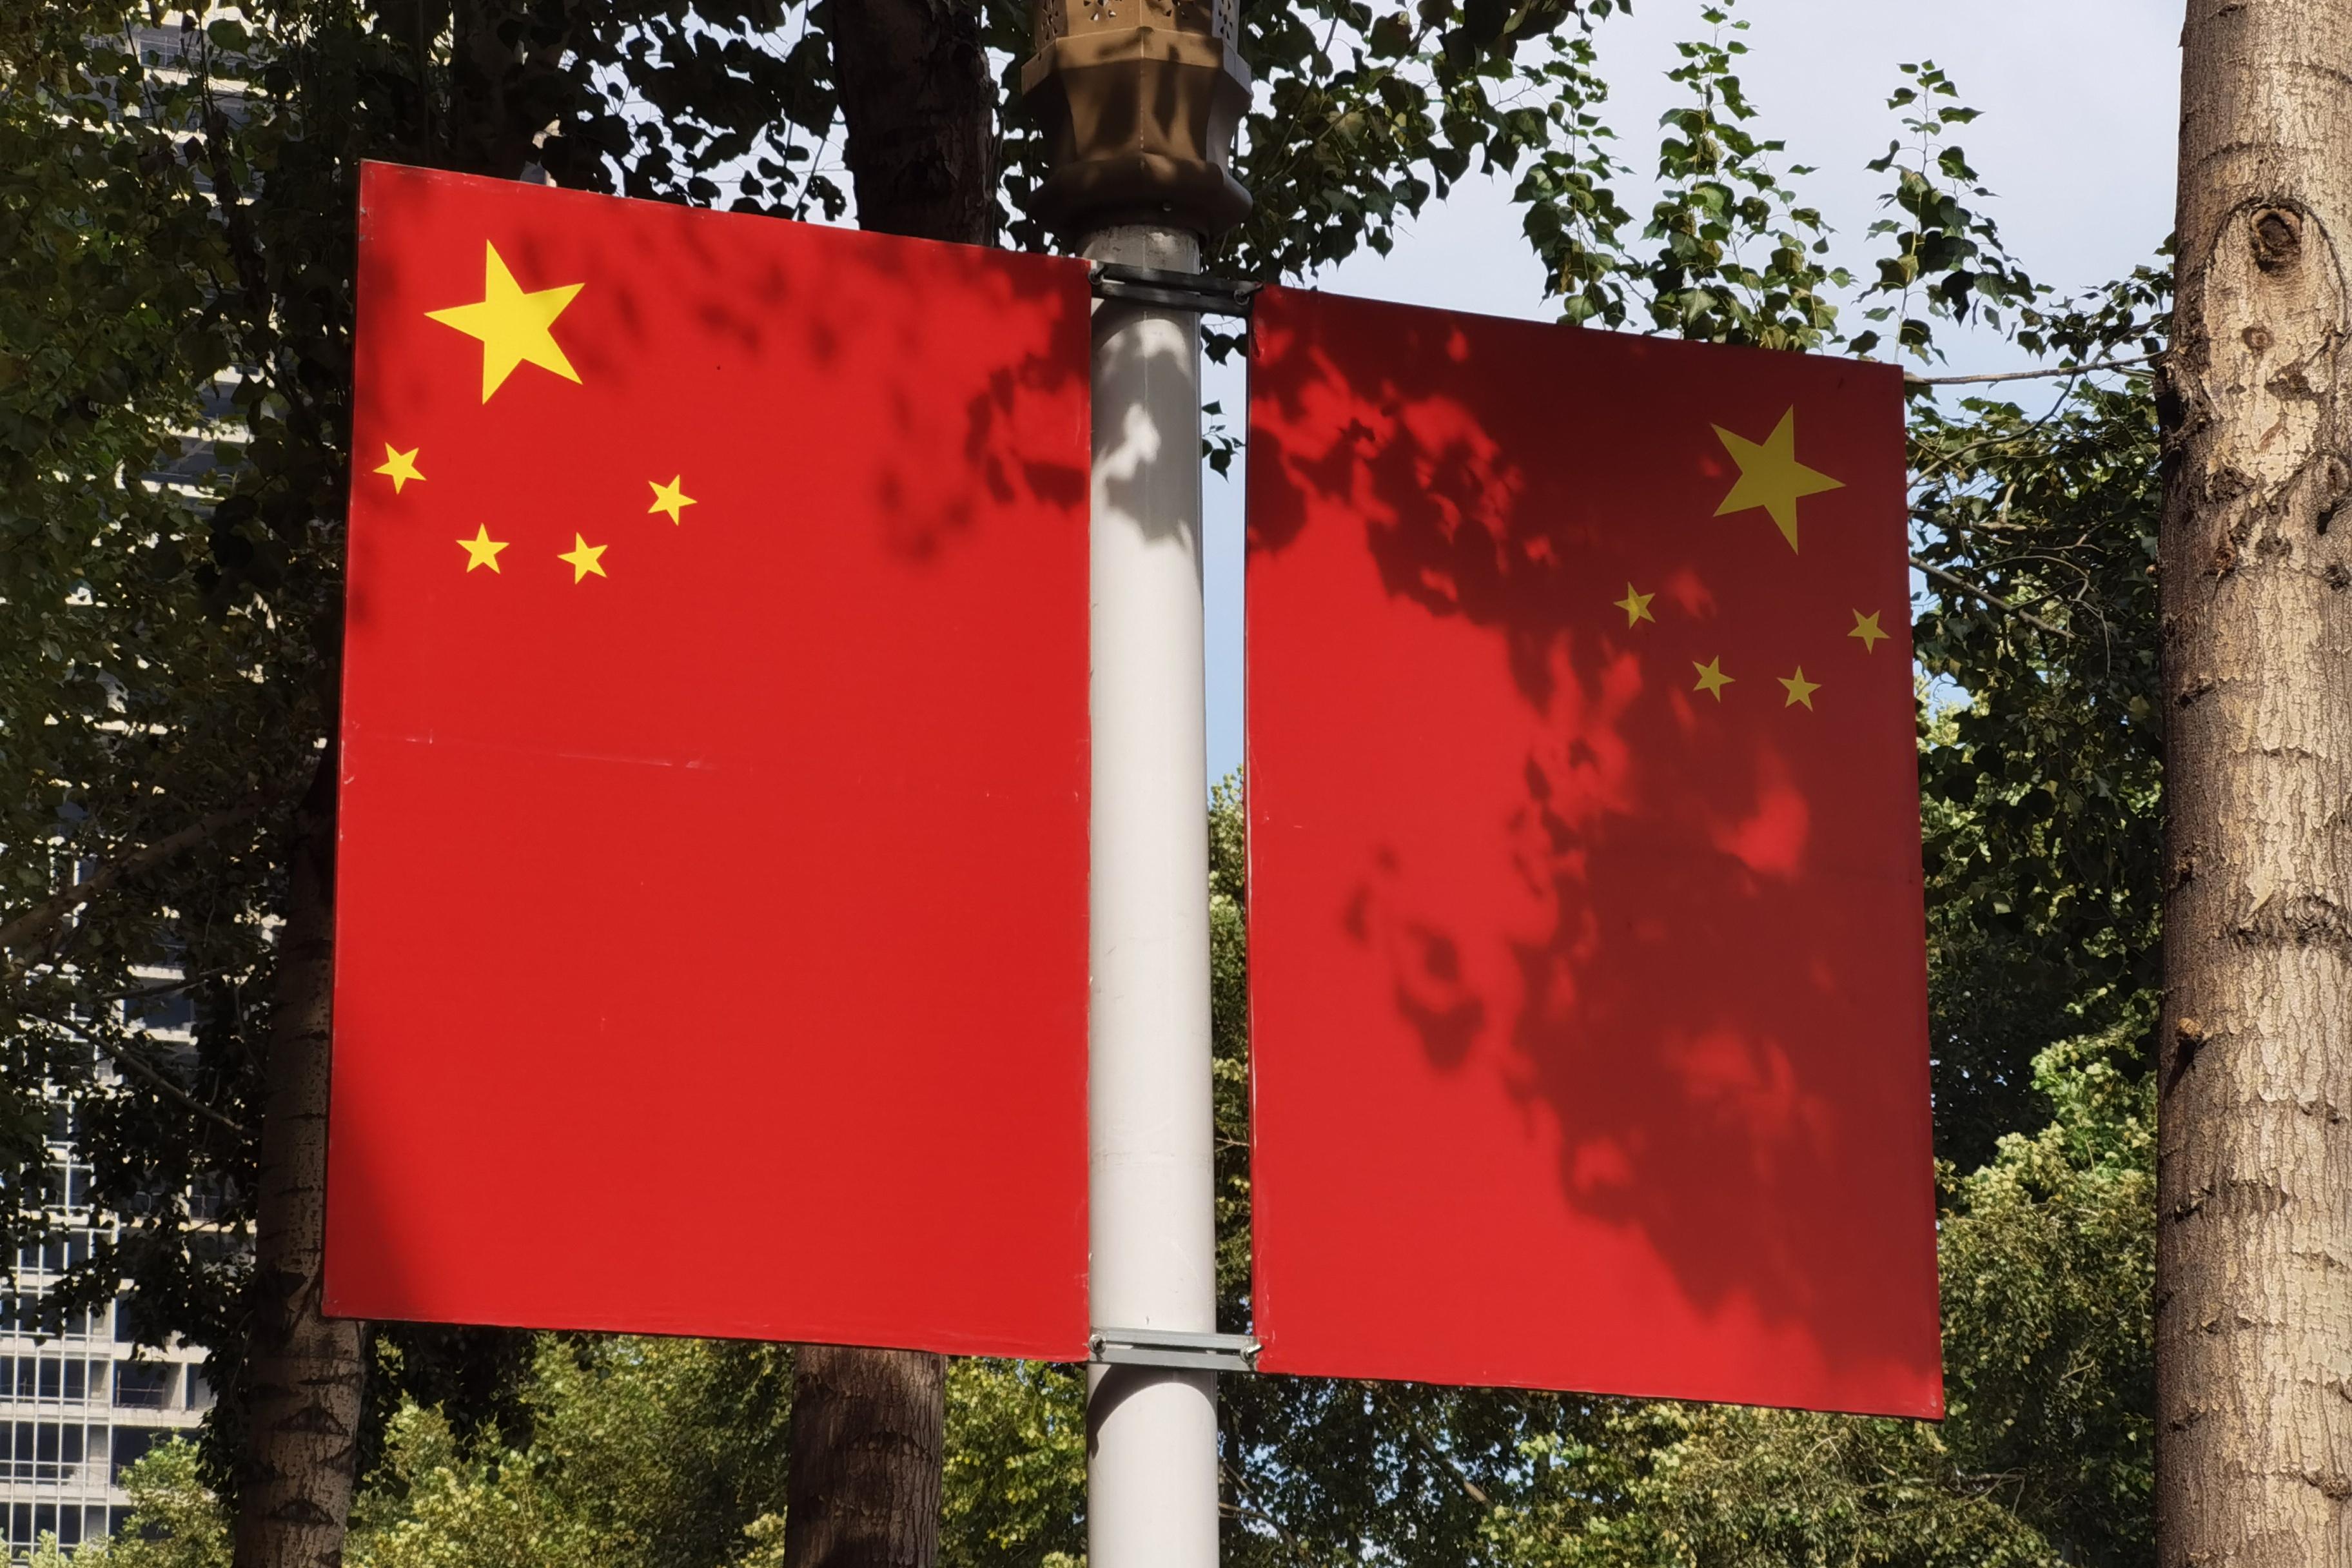 原创图集H5 | 满眼皆是中国红